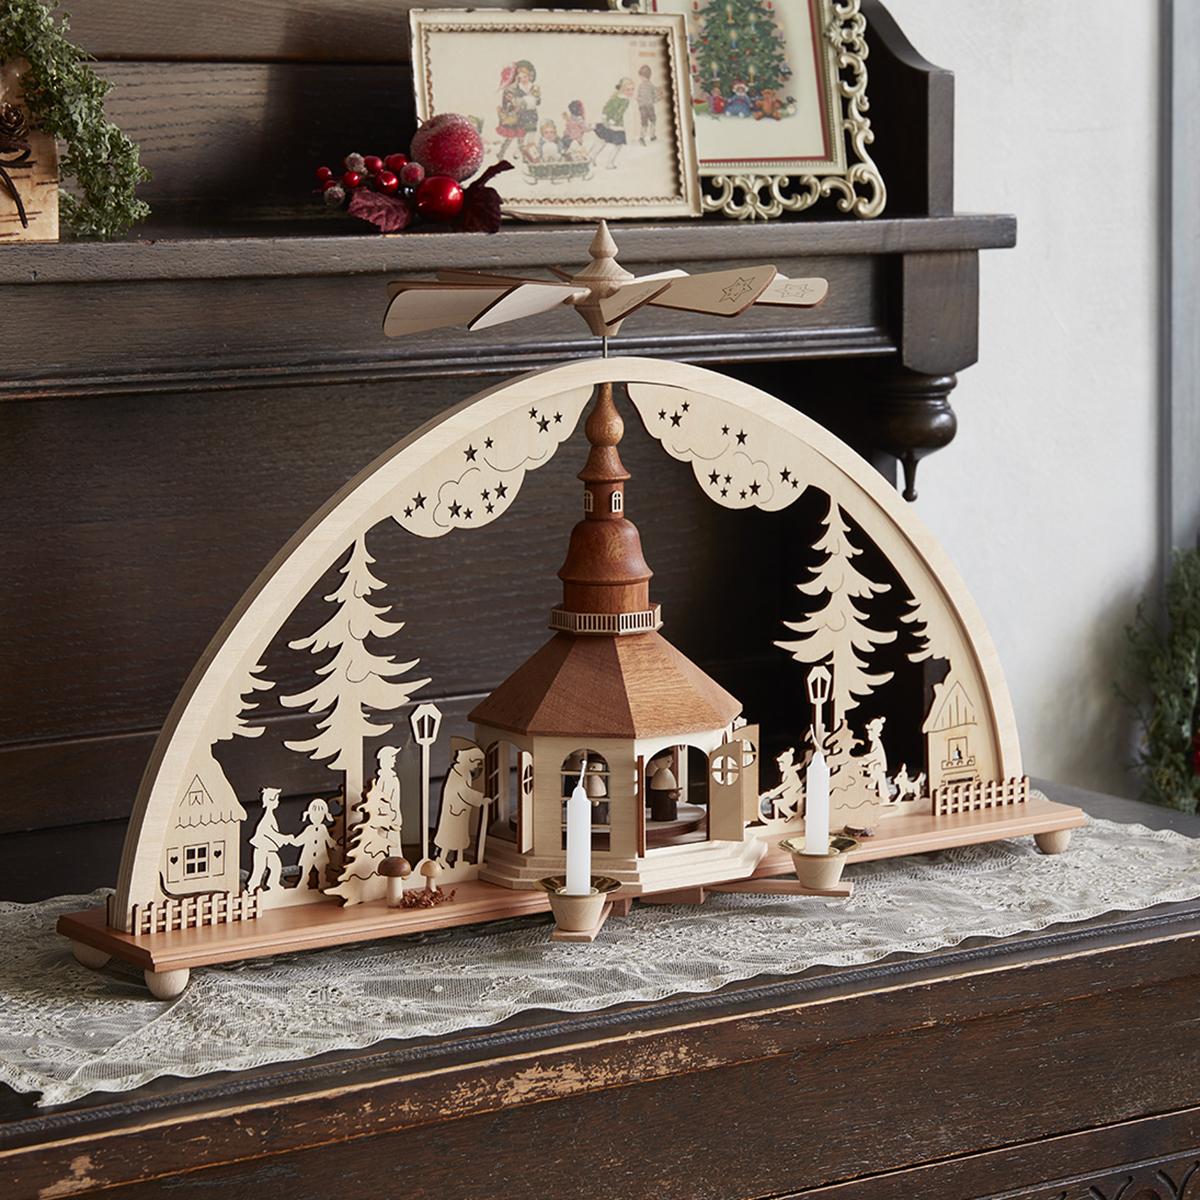 ウィンドミル クリスマスの一夜